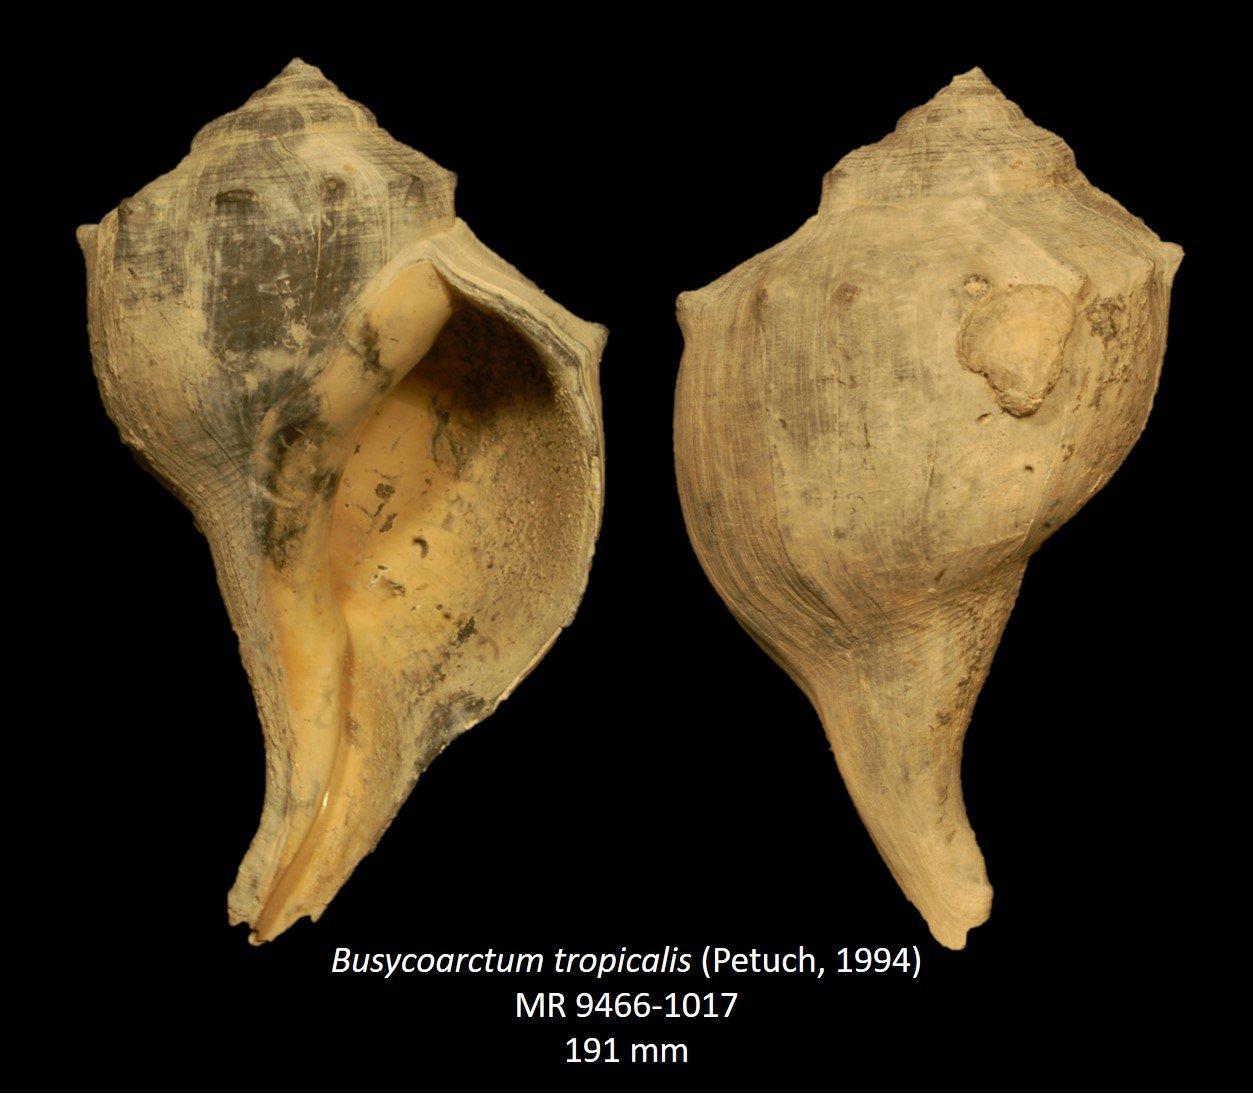 Busycoarctumtropicalis